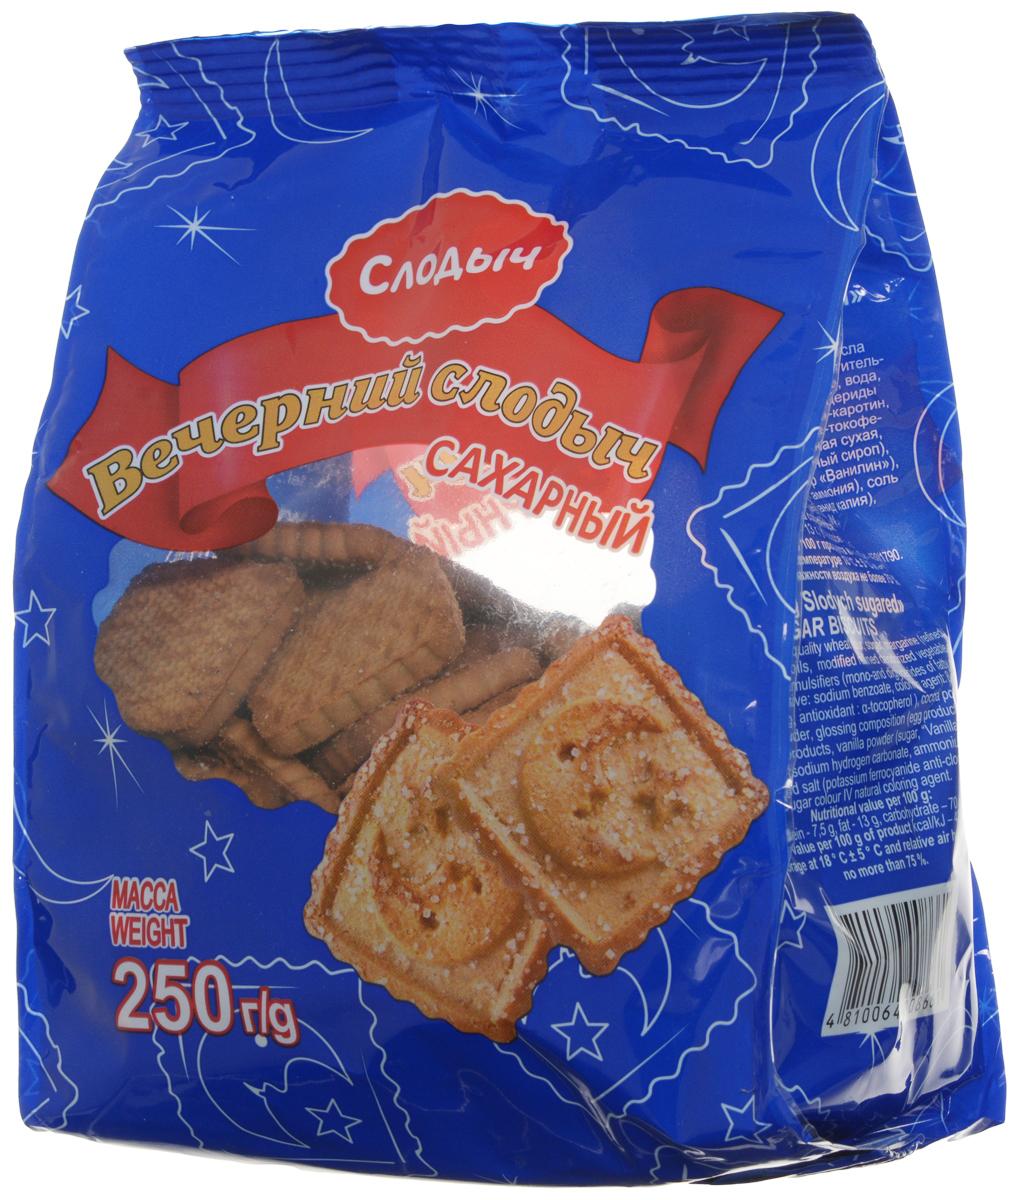 Сахарное печенье Слодыч Вечерний сахарный из пшеничной муки высшего сорта с добавлением какао, сахара, маргарина, сыворотки молочной сухой, продуктов яичных и ванильной пудры. Поверхность печенья посыпана сахаром и покрыта взбитым яйцом.